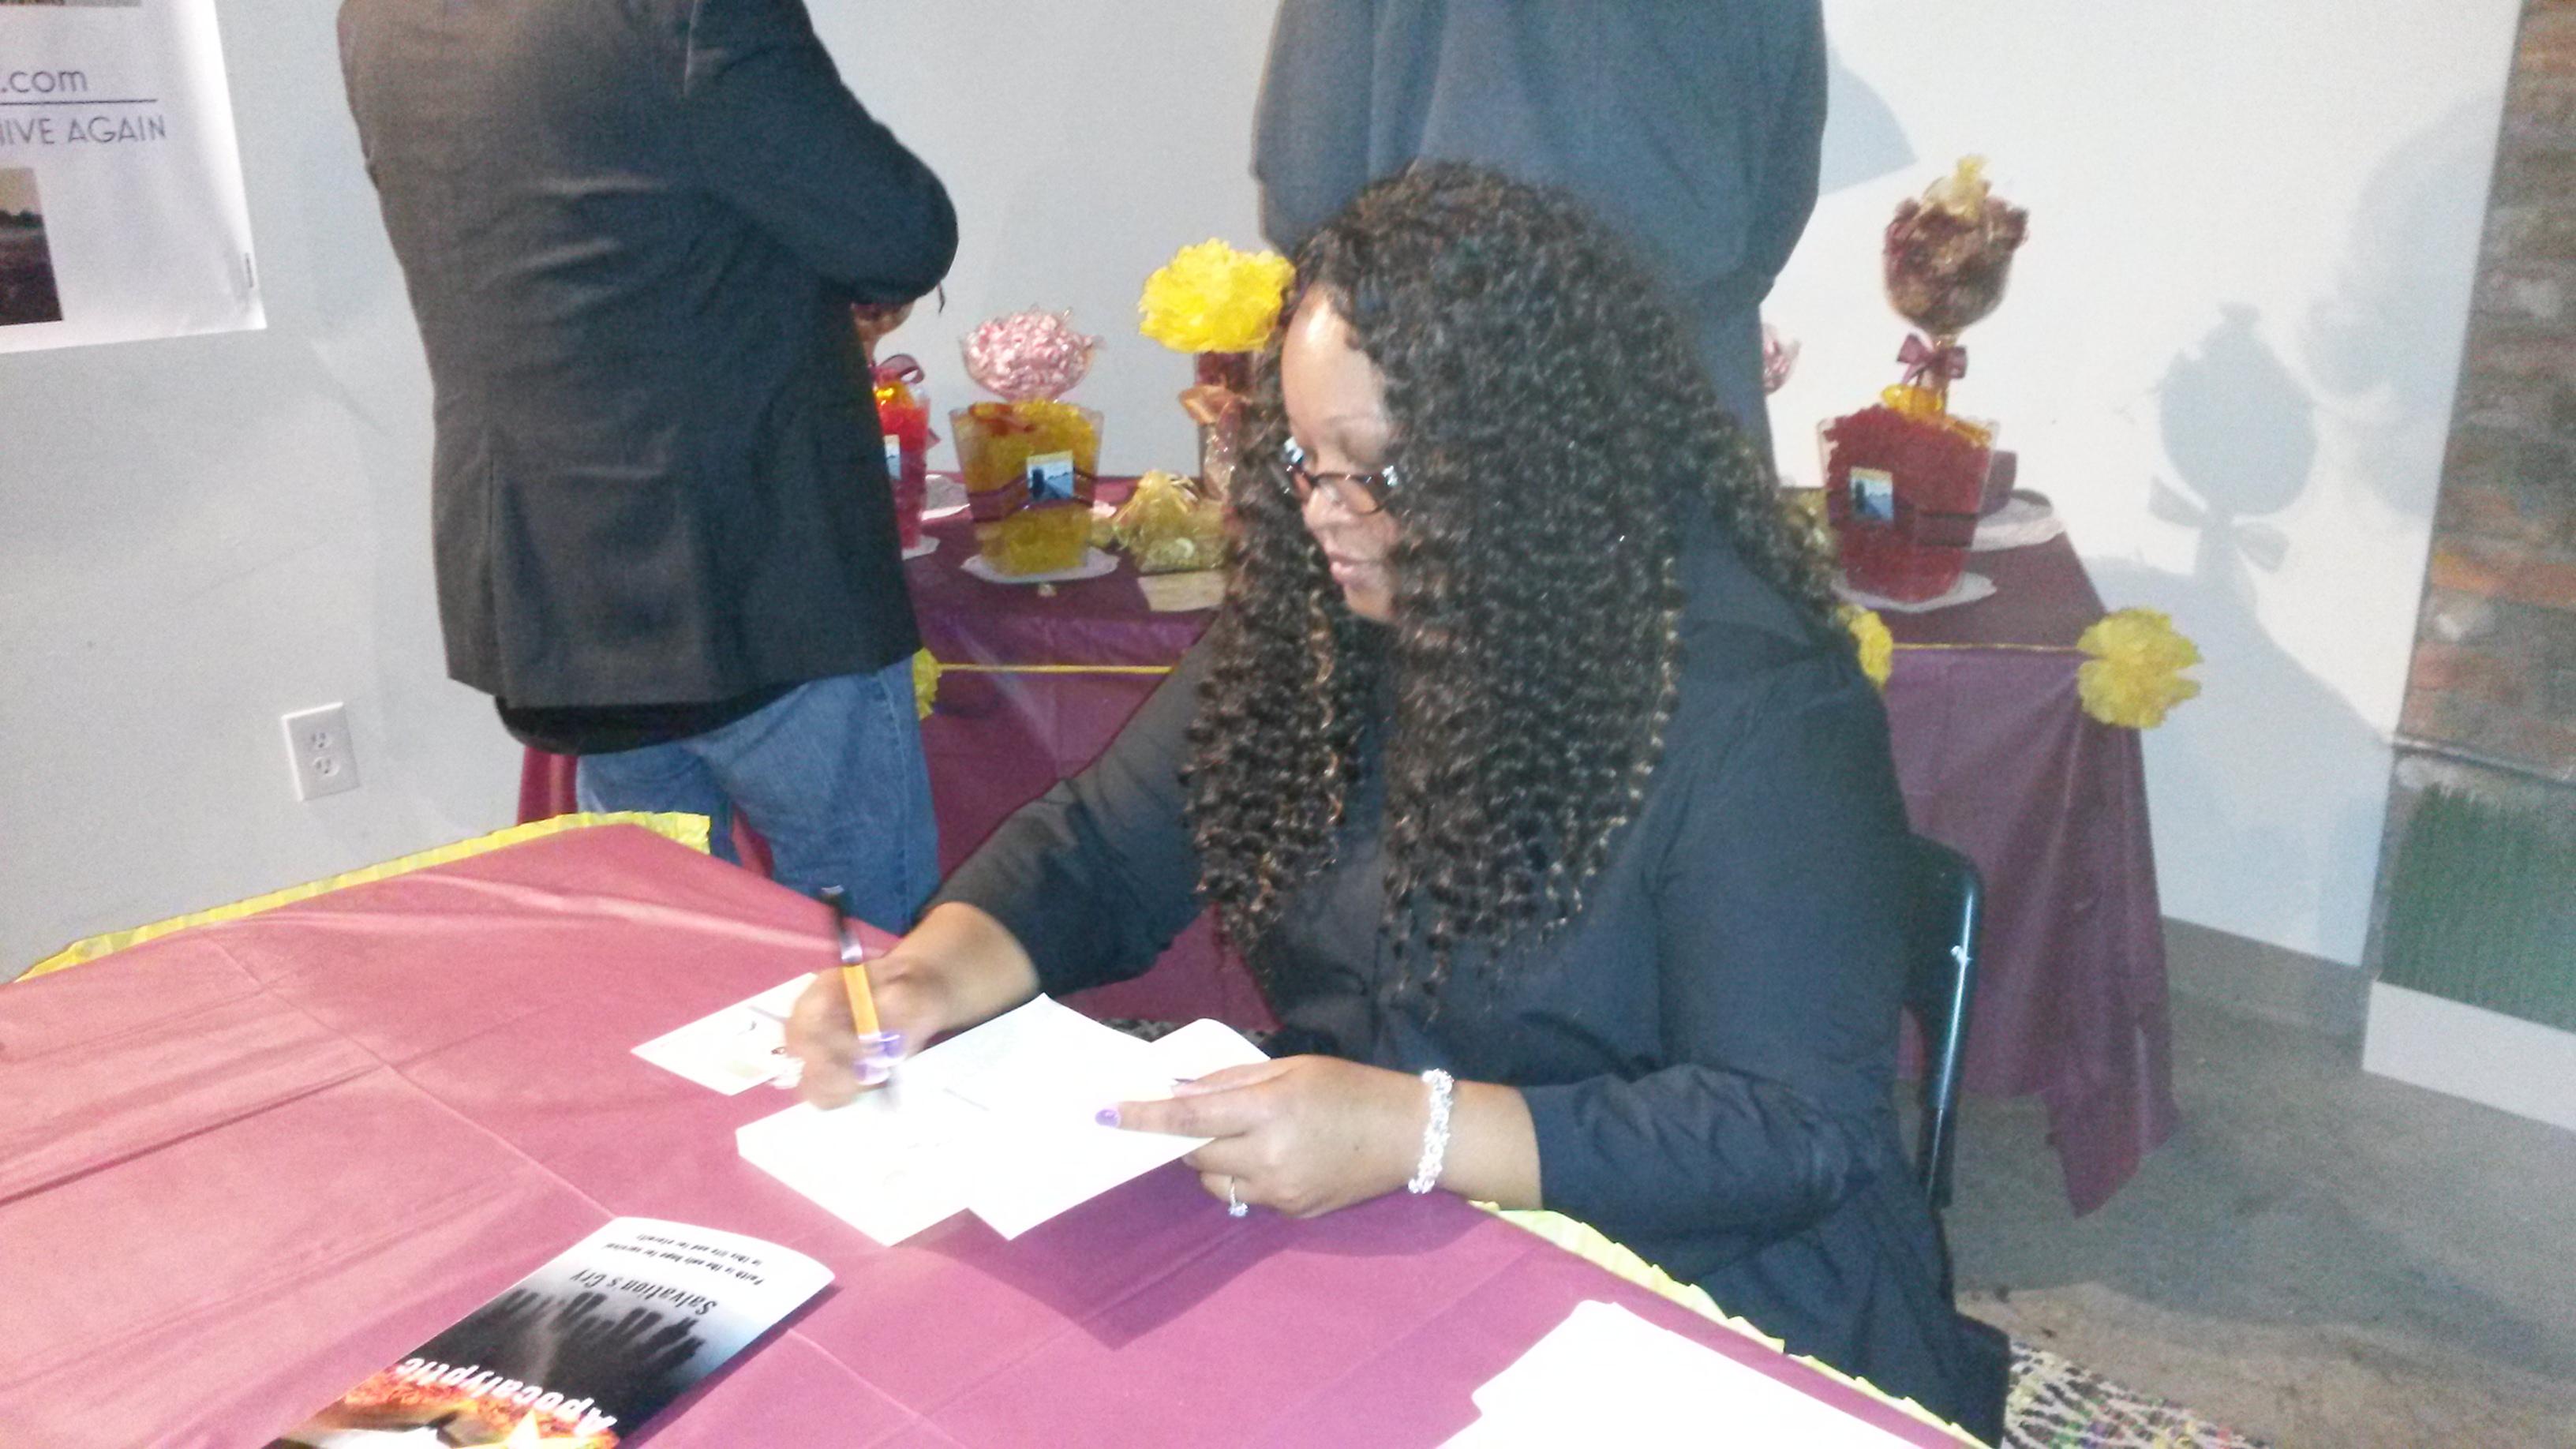 Nita Nae Signing Books 2